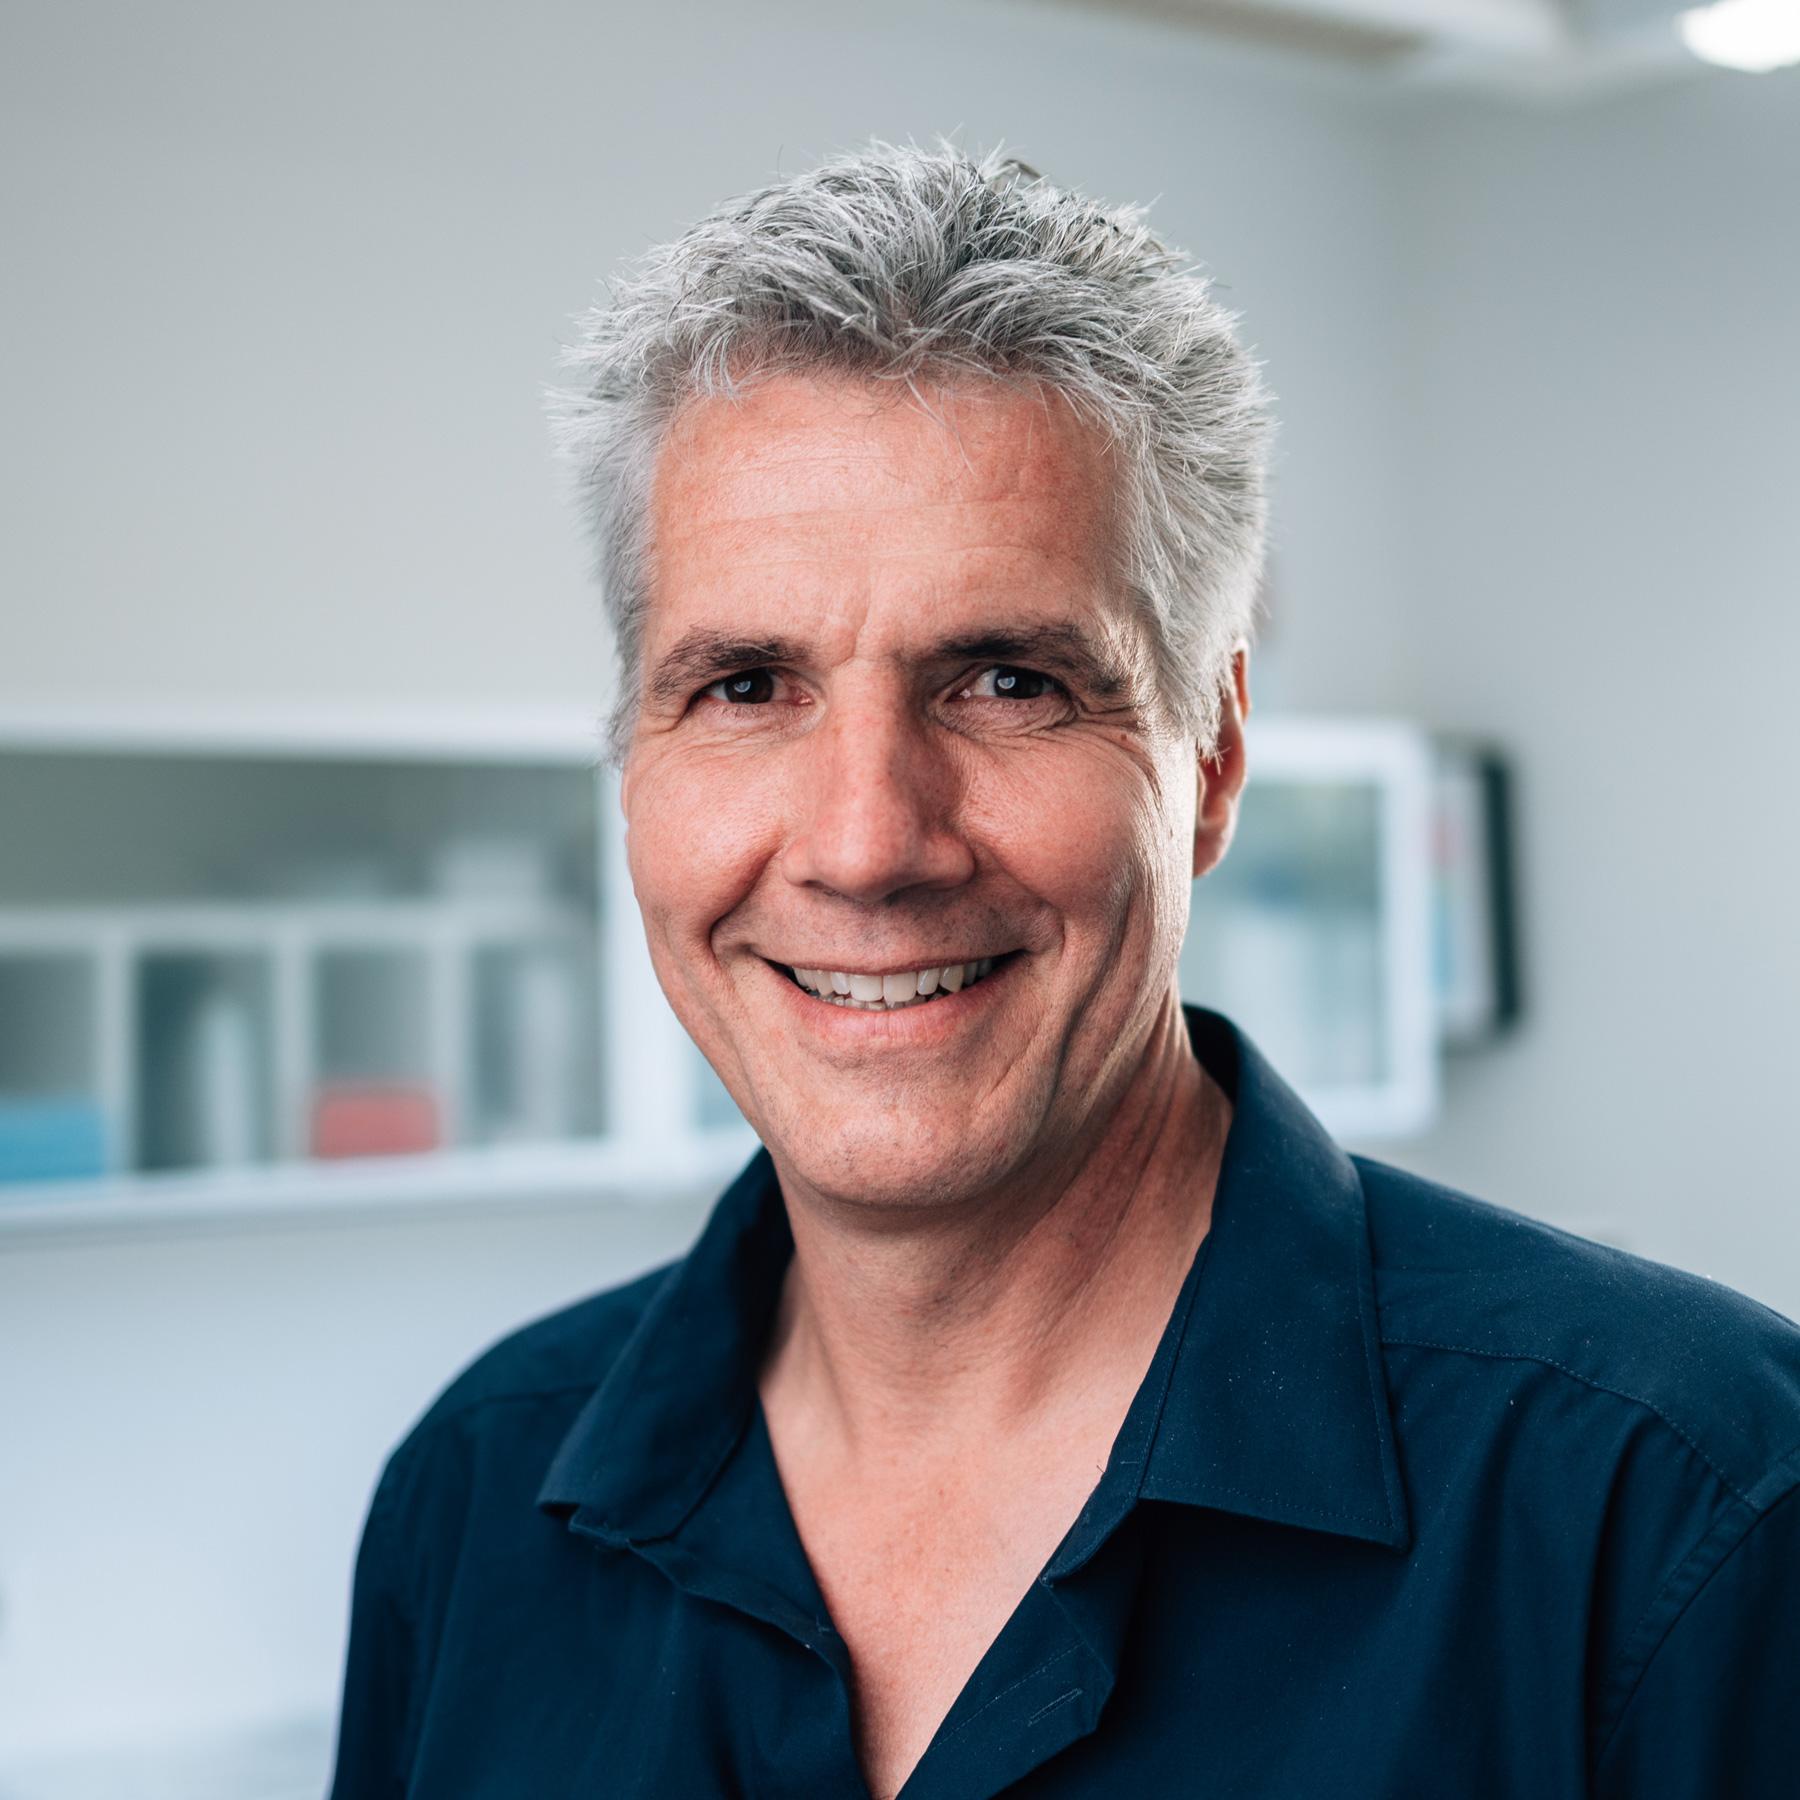 Dr. med. Jürgen Kuhnke